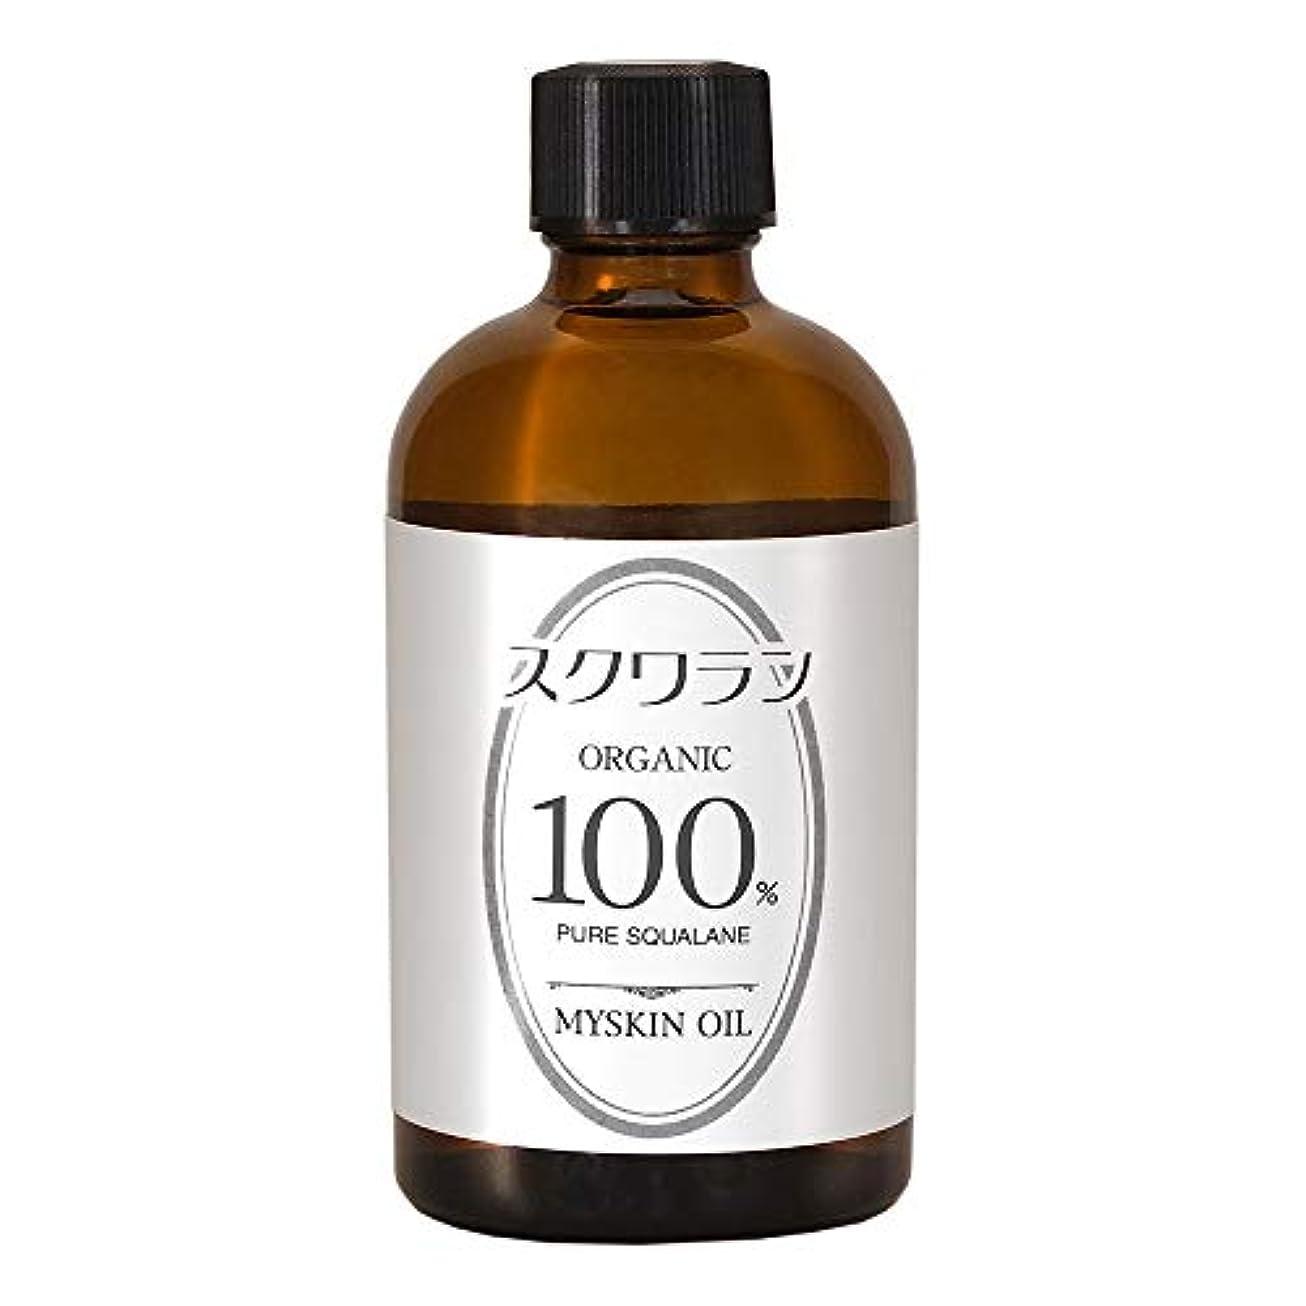 ガラスリップ剛性MYSKIN(マイスキン) スクワランオイル 120ml【植物由来】【無添加】